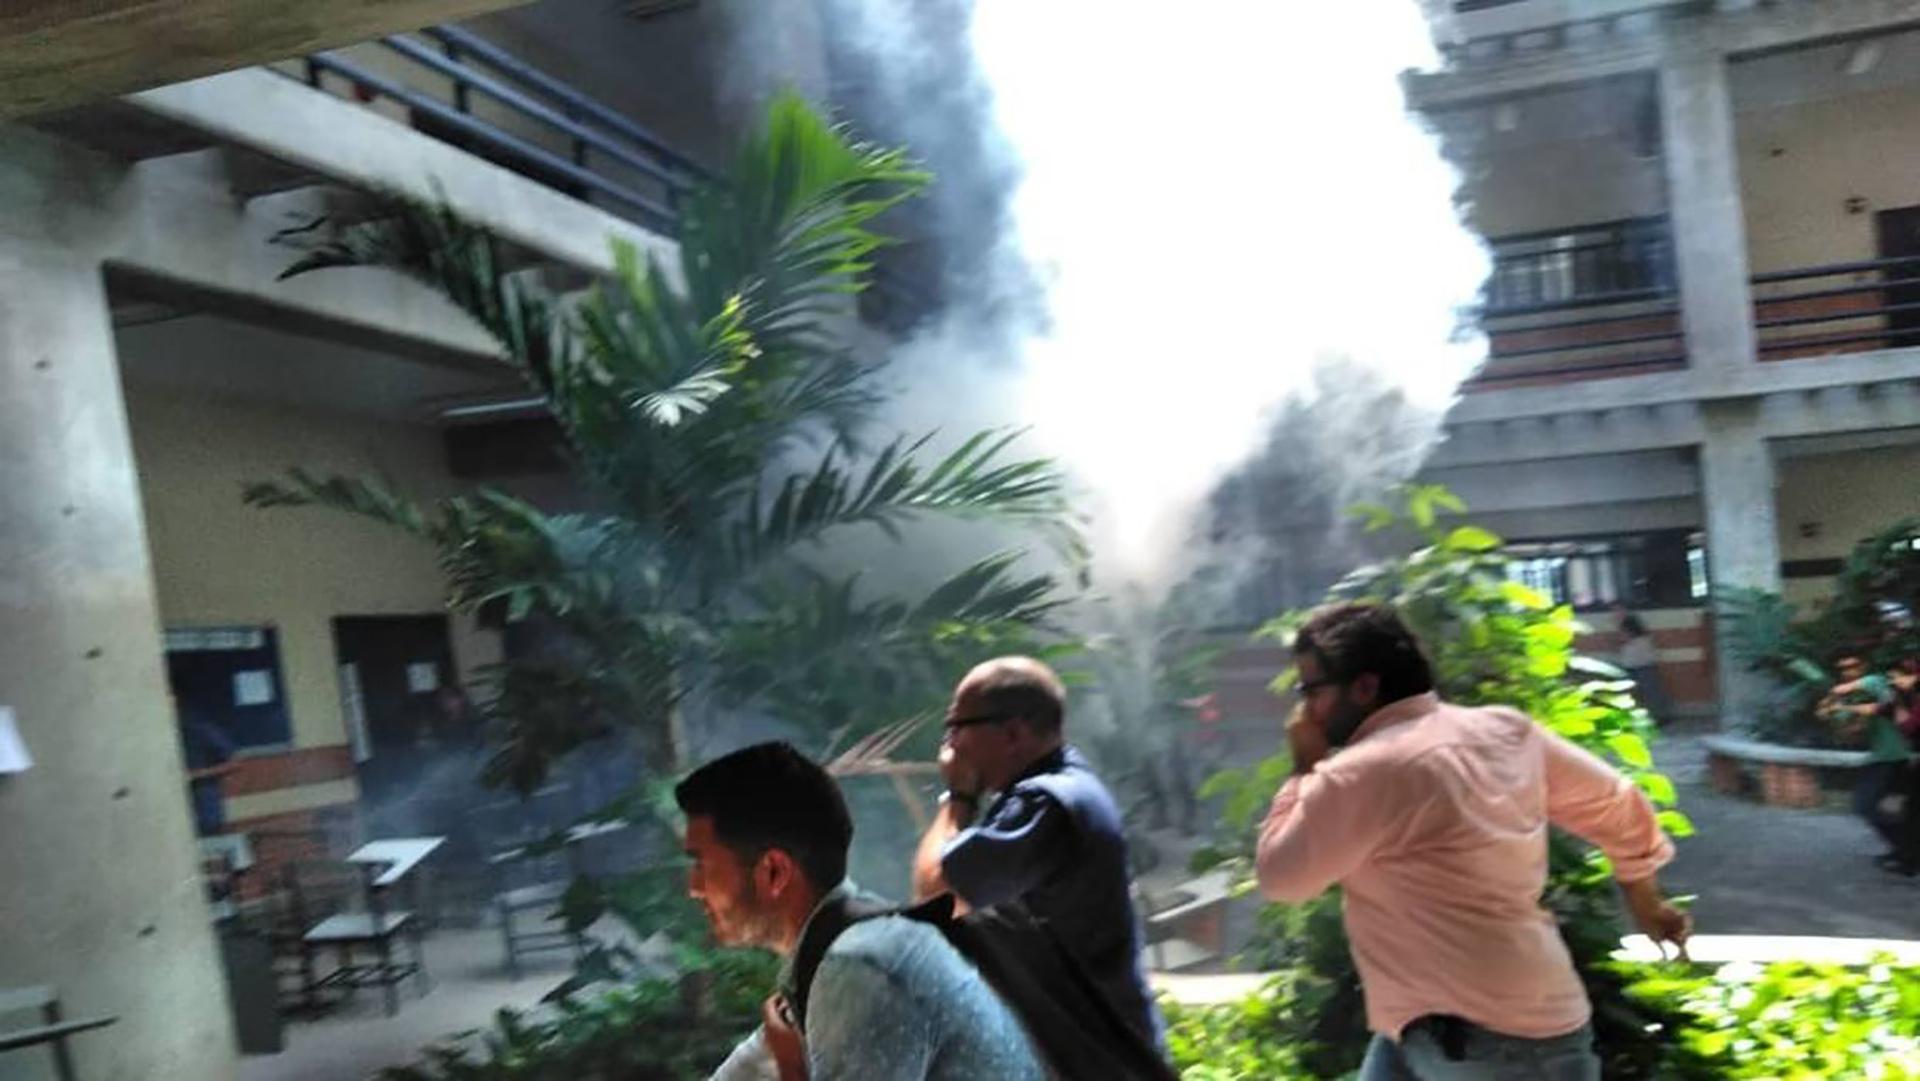 Los colectivos chavistas dispararon contra los estudiantes y tiraron gases lacrimógenos (Foto: Congreso Nacional de Juventudes)